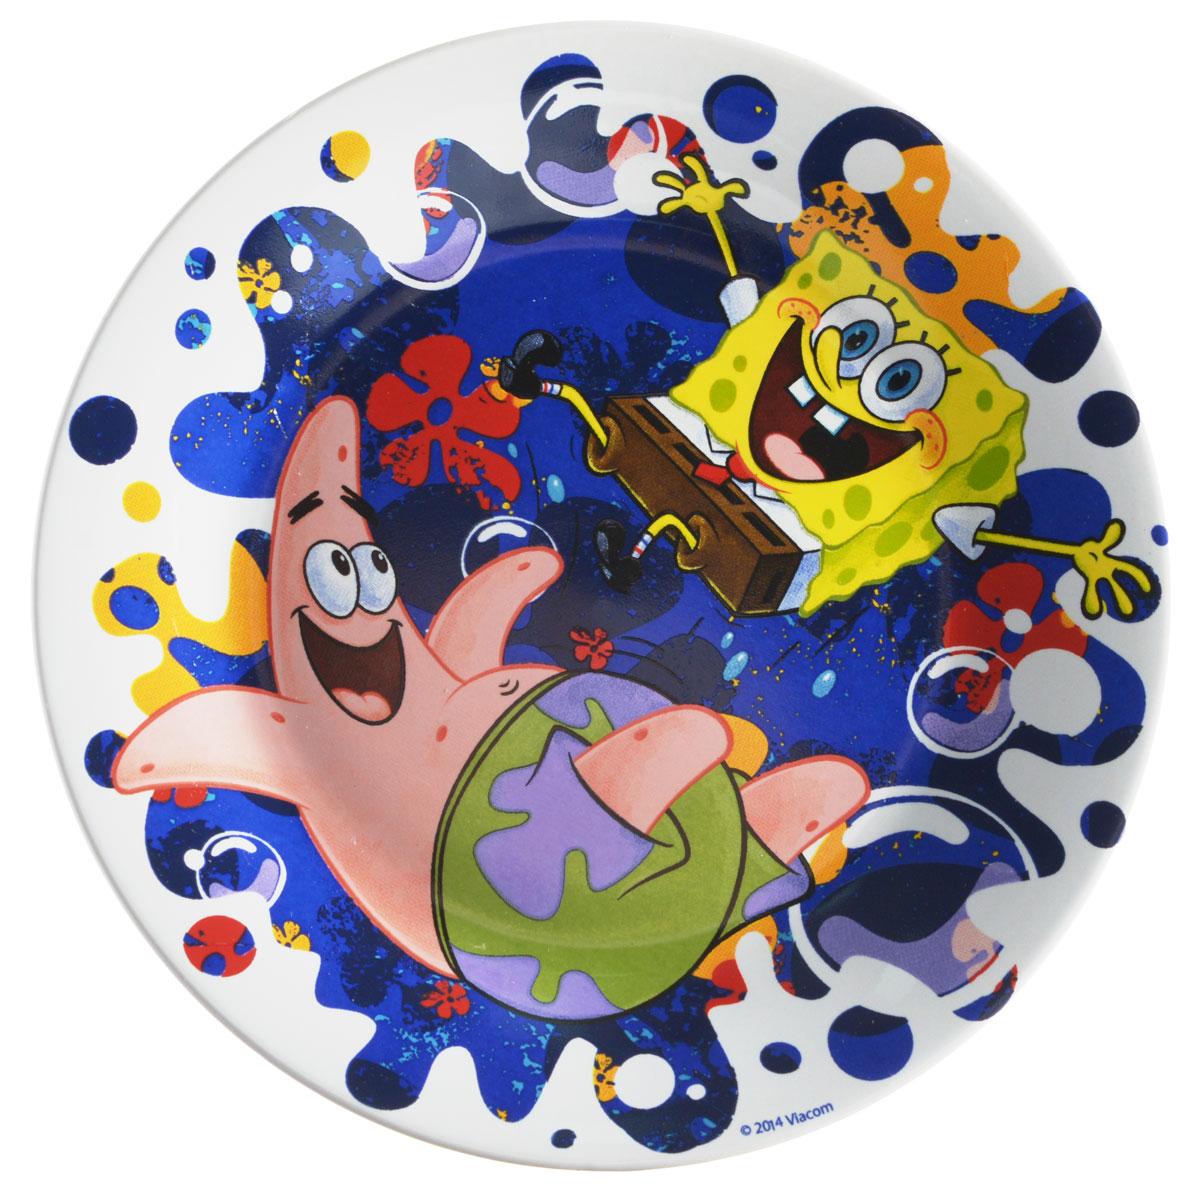 Губка Боб Тарелка детская Океан счастья диаметр 19 смSBP190-3Яркая тарелка Губка Боб Океан счастья идеально подойдет для кормления малыша и самостоятельного приема им пищи. Тарелка выполнена из керамики и оформлена высококачественным изображением героев мультфильма Губка Боб. Такой подарок станет не только приятным, но и практичным сувениром, добавит ярких эмоций вашему ребенку! Можно использовать в СВЧ-печи и посудомоечной машине.